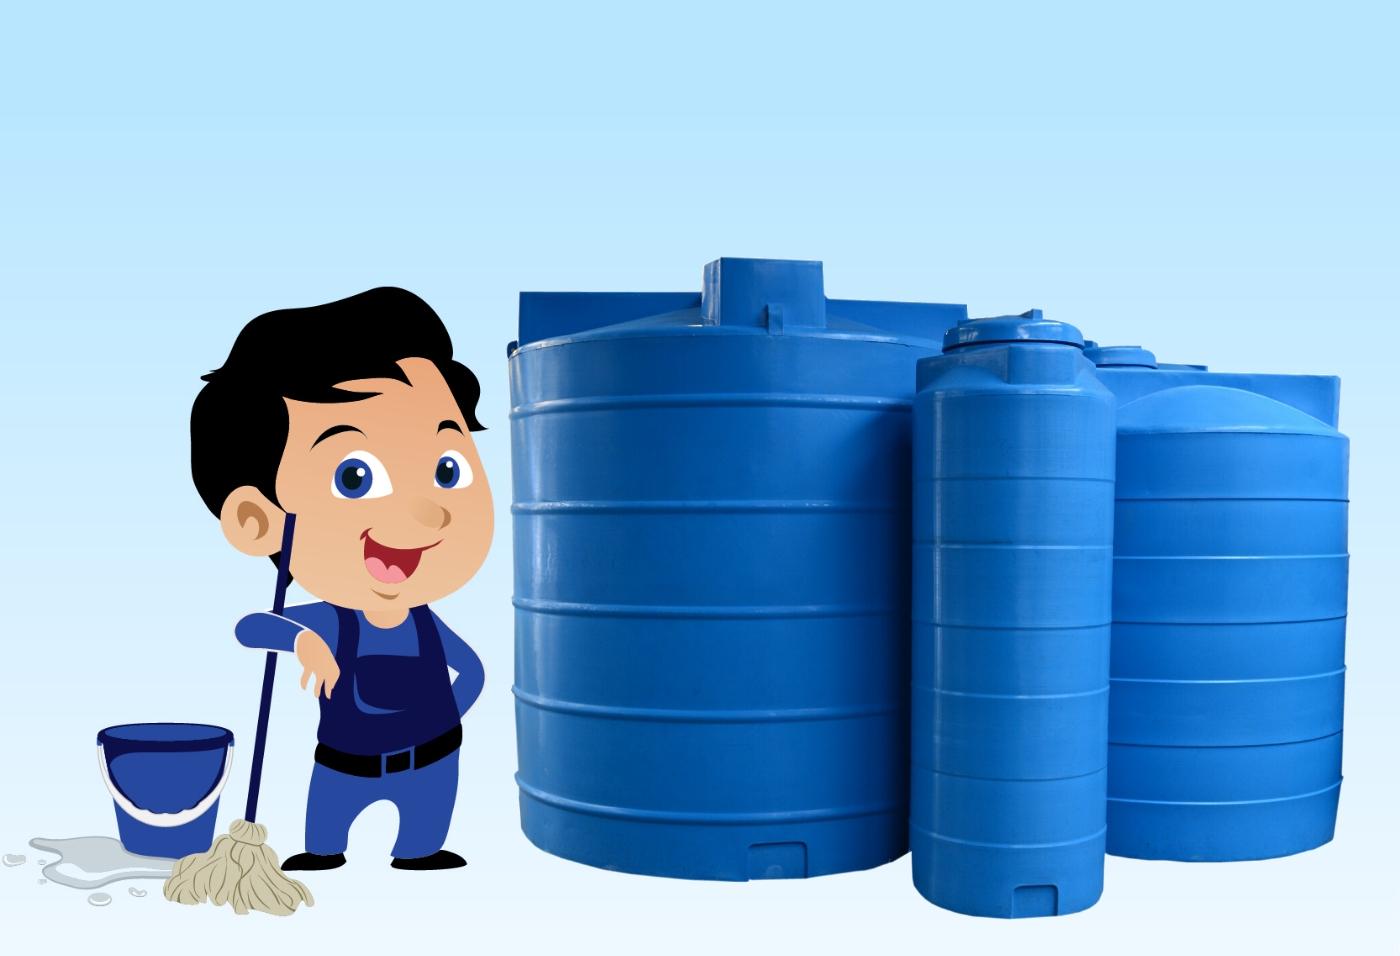 تنظيف الخزانات بمواد آمنة على صحة الإنسان